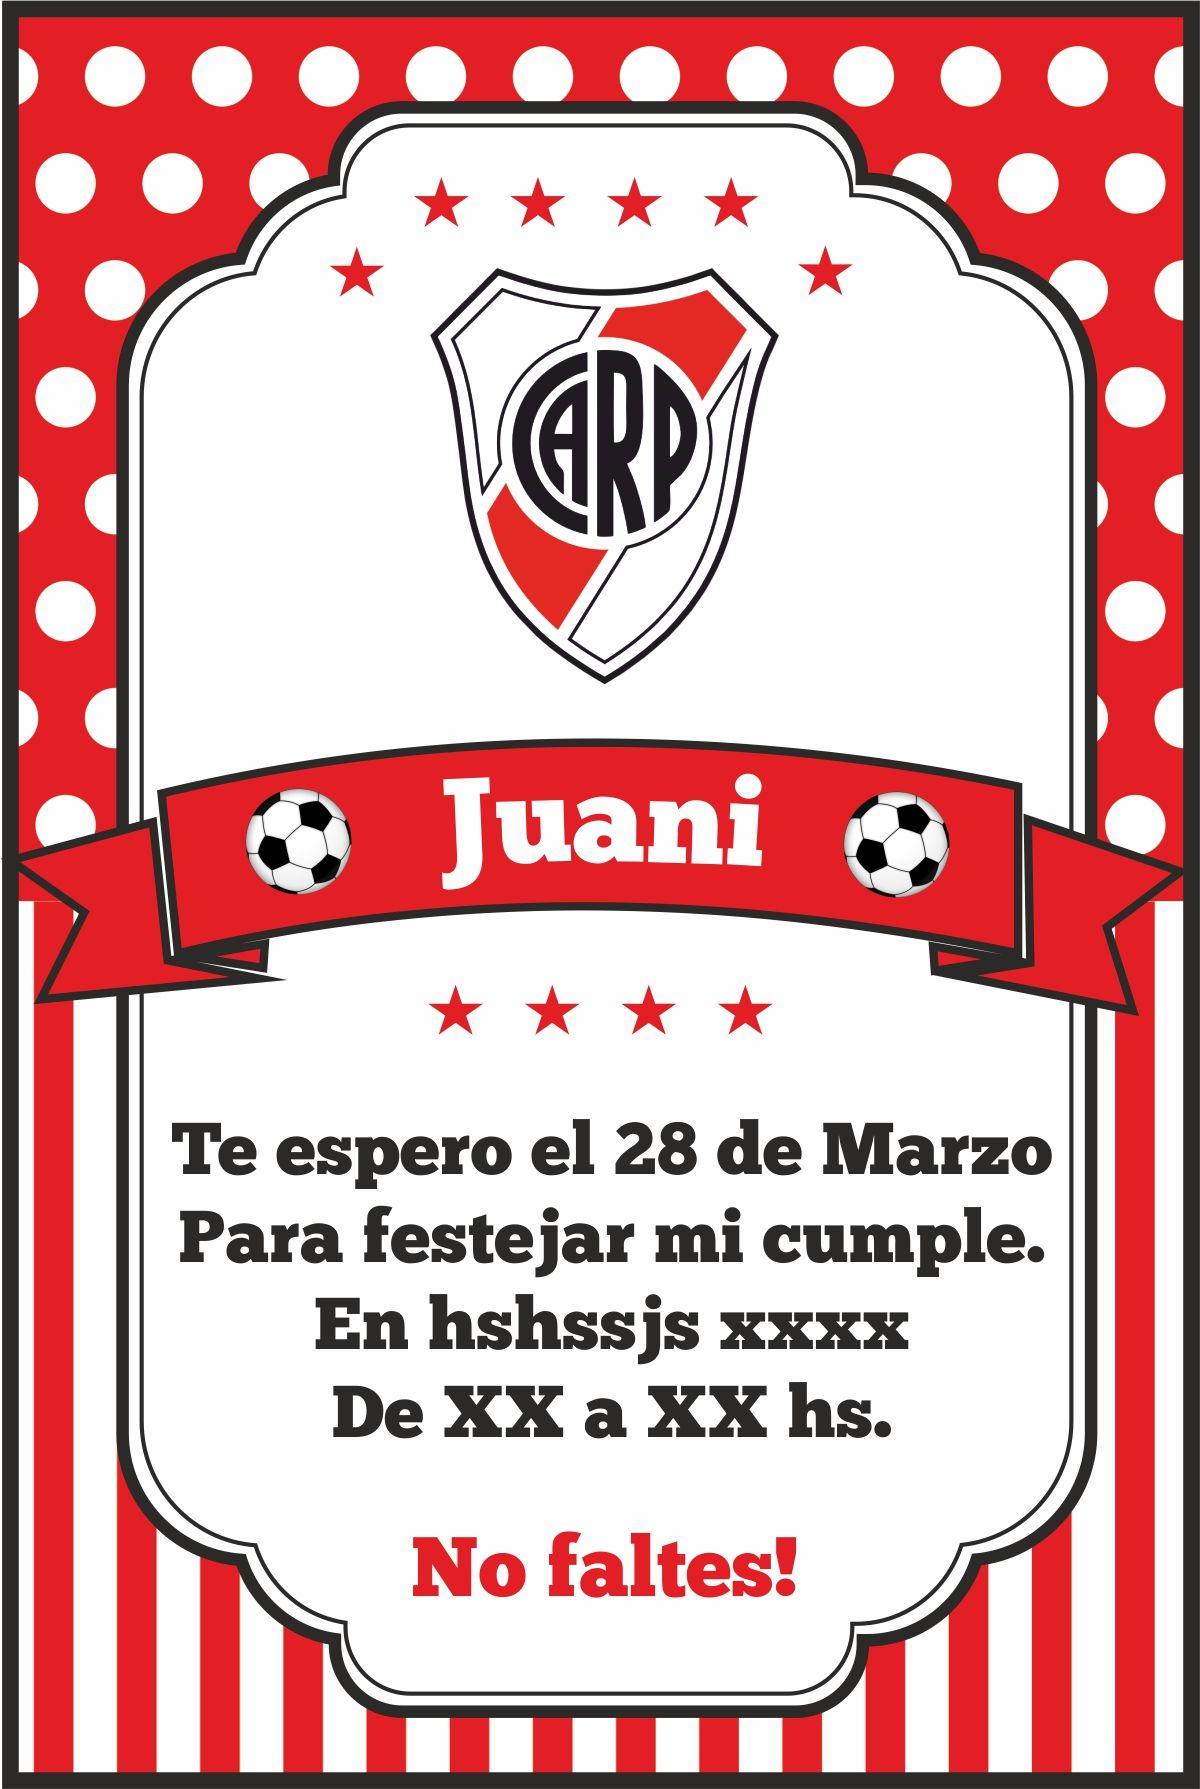 8a1ce4fac Invitación. Fútbol. Soccer. River Plate. | El futbol en 2019 ...